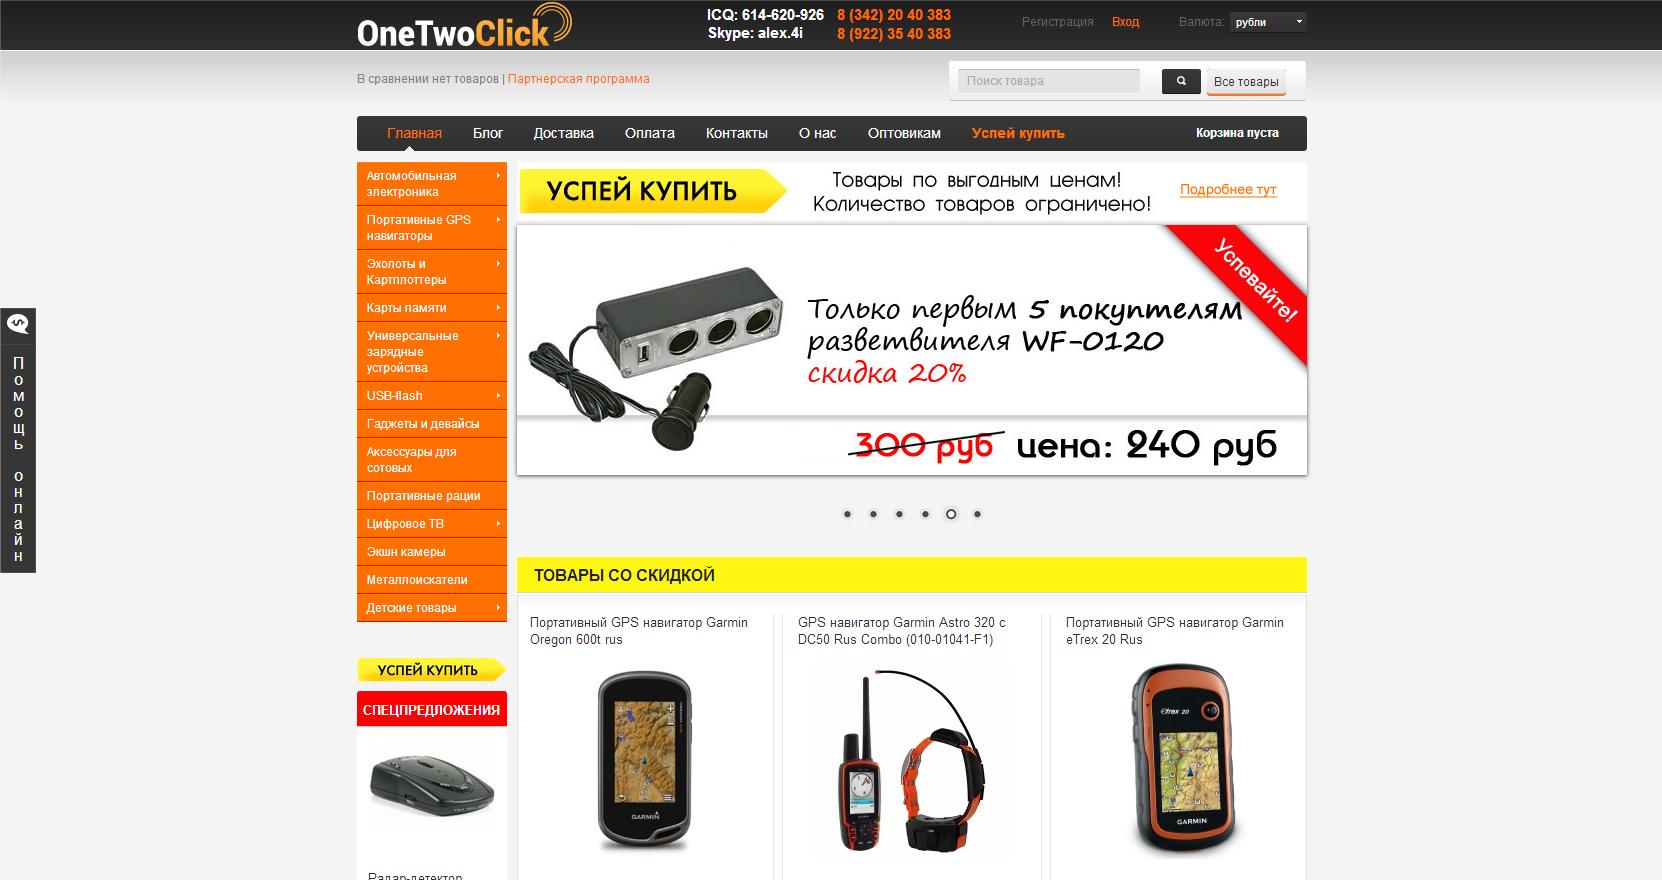 Интернет магазин OneTwoClick